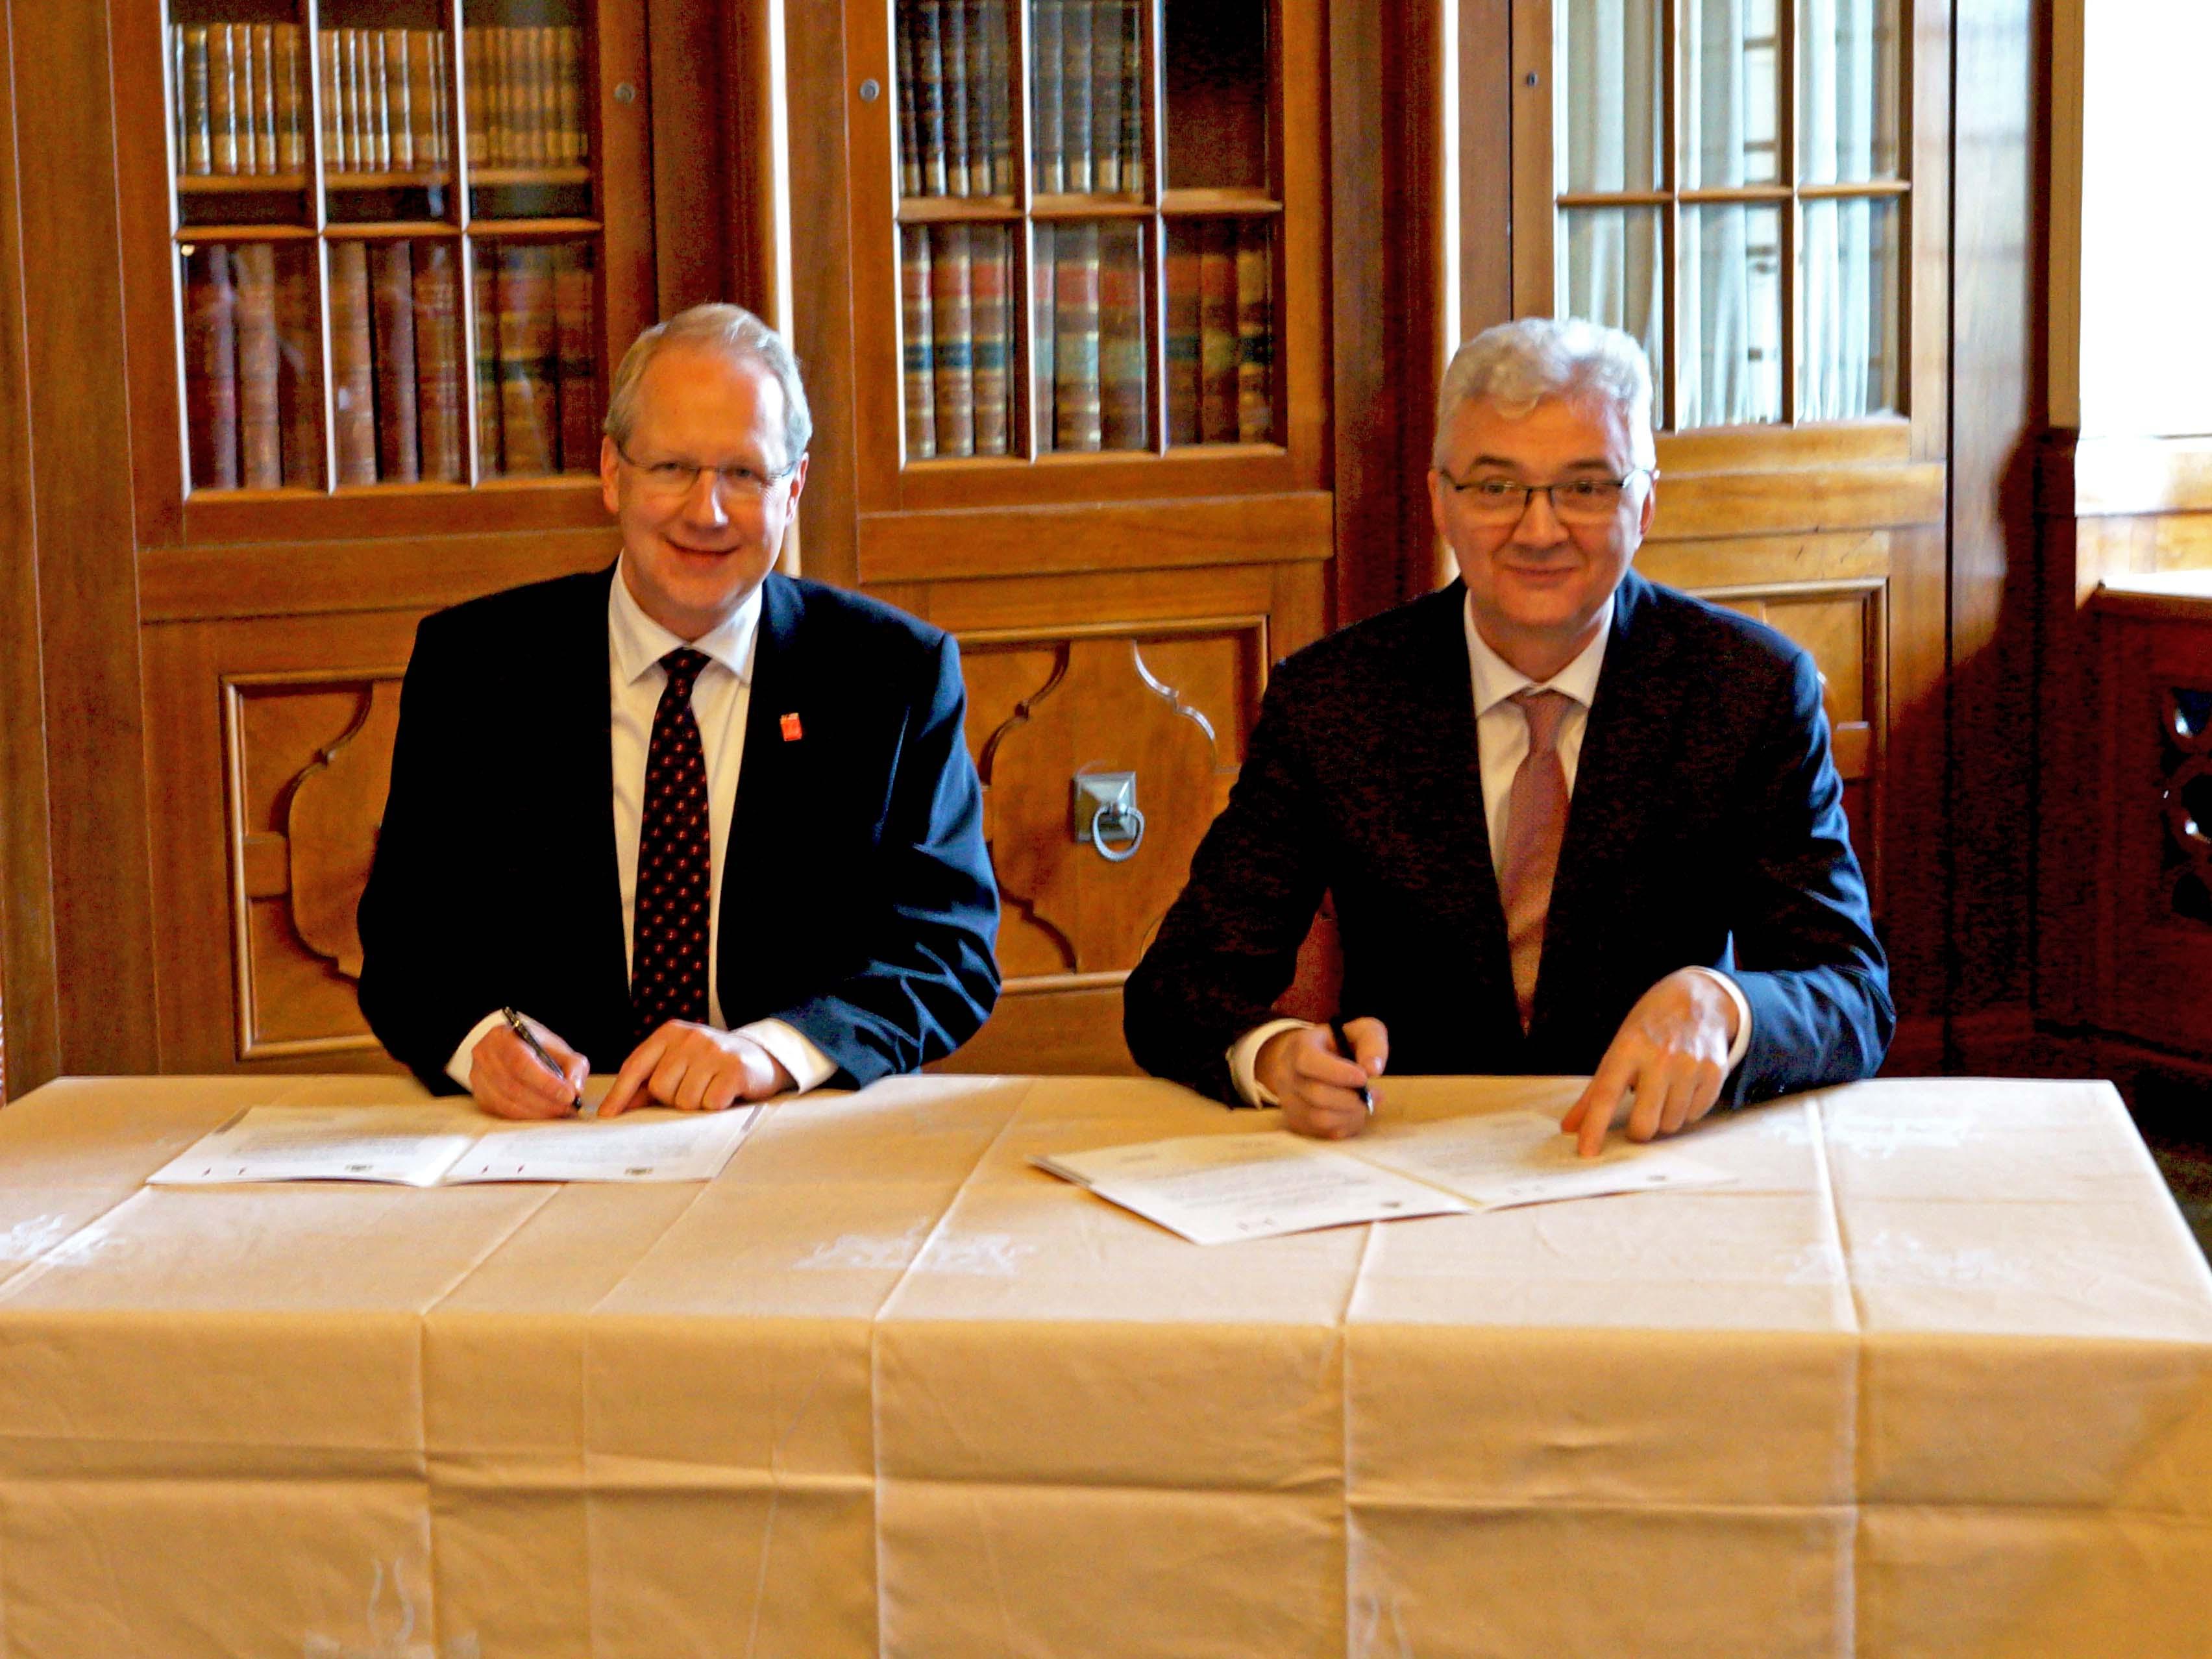 Zwei Männer an einem Schreibtisch.